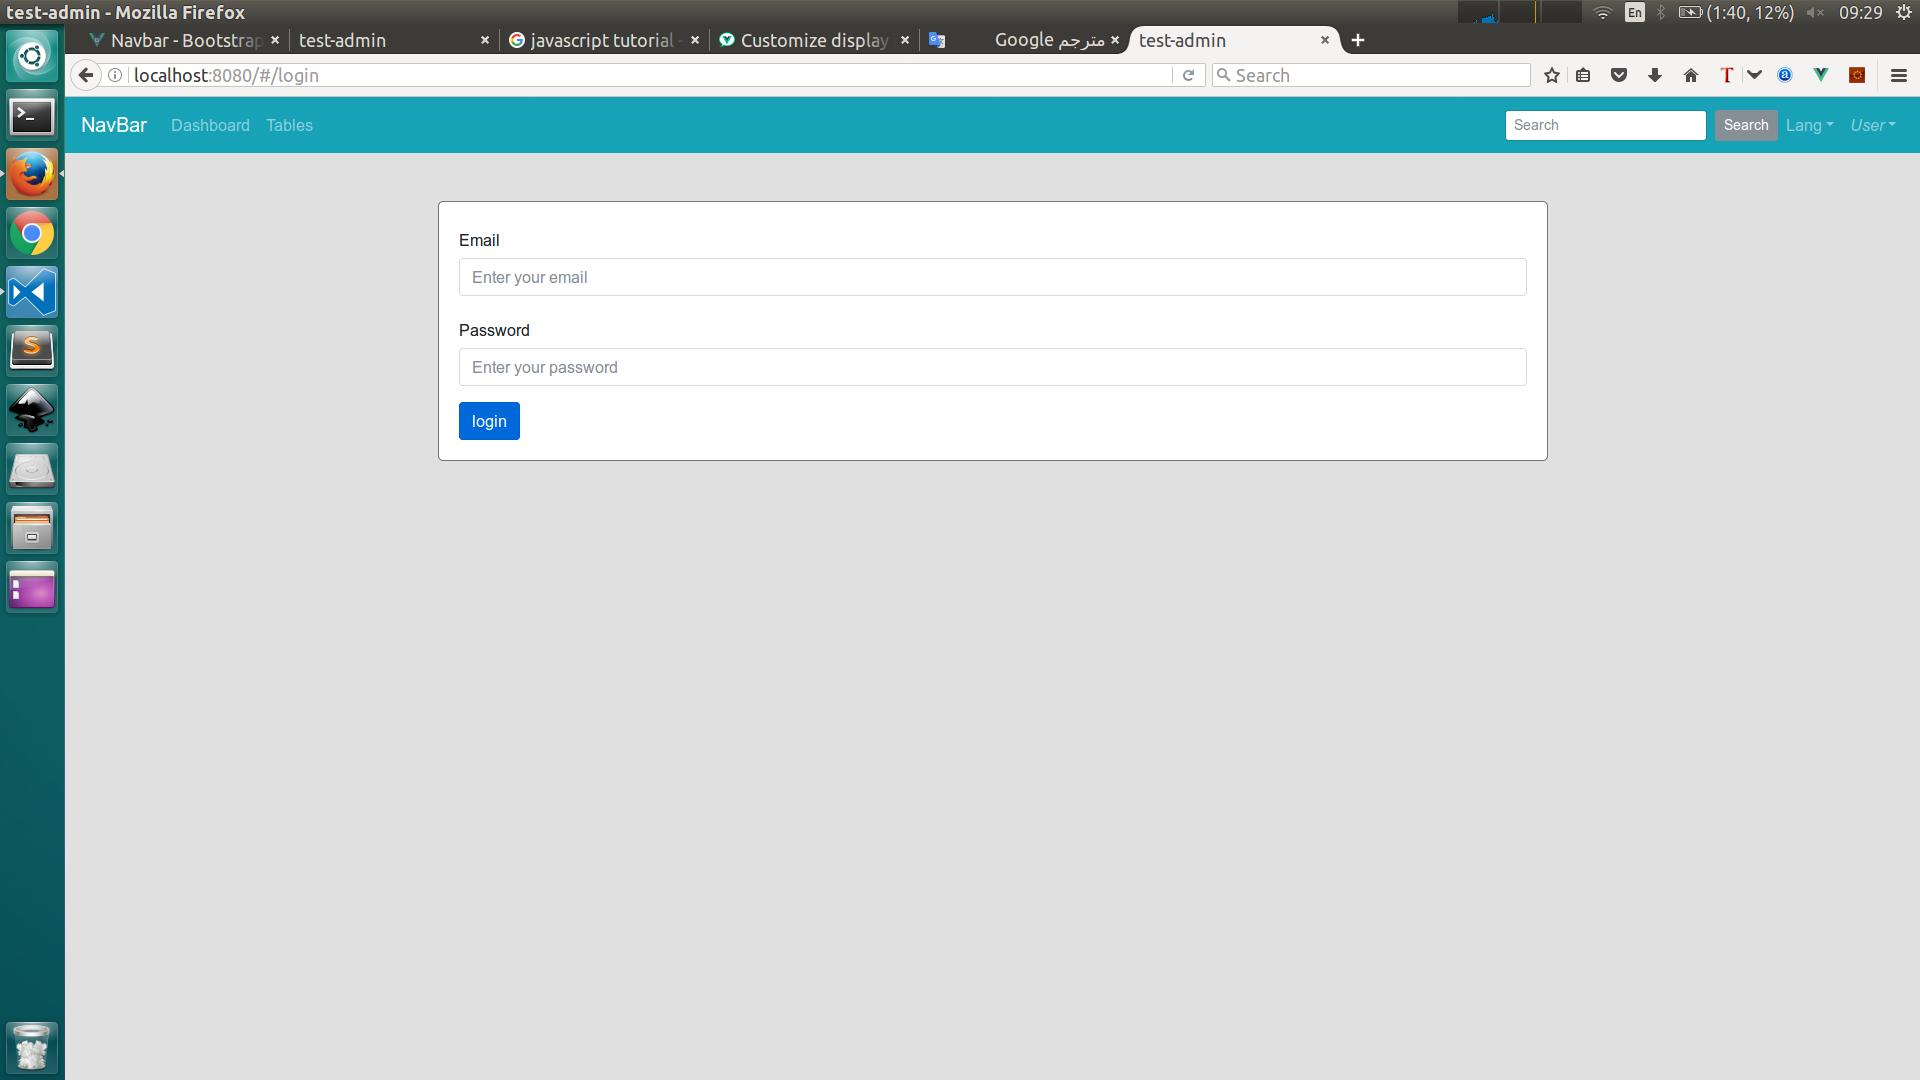 Customize display in App vue - Vue Forum